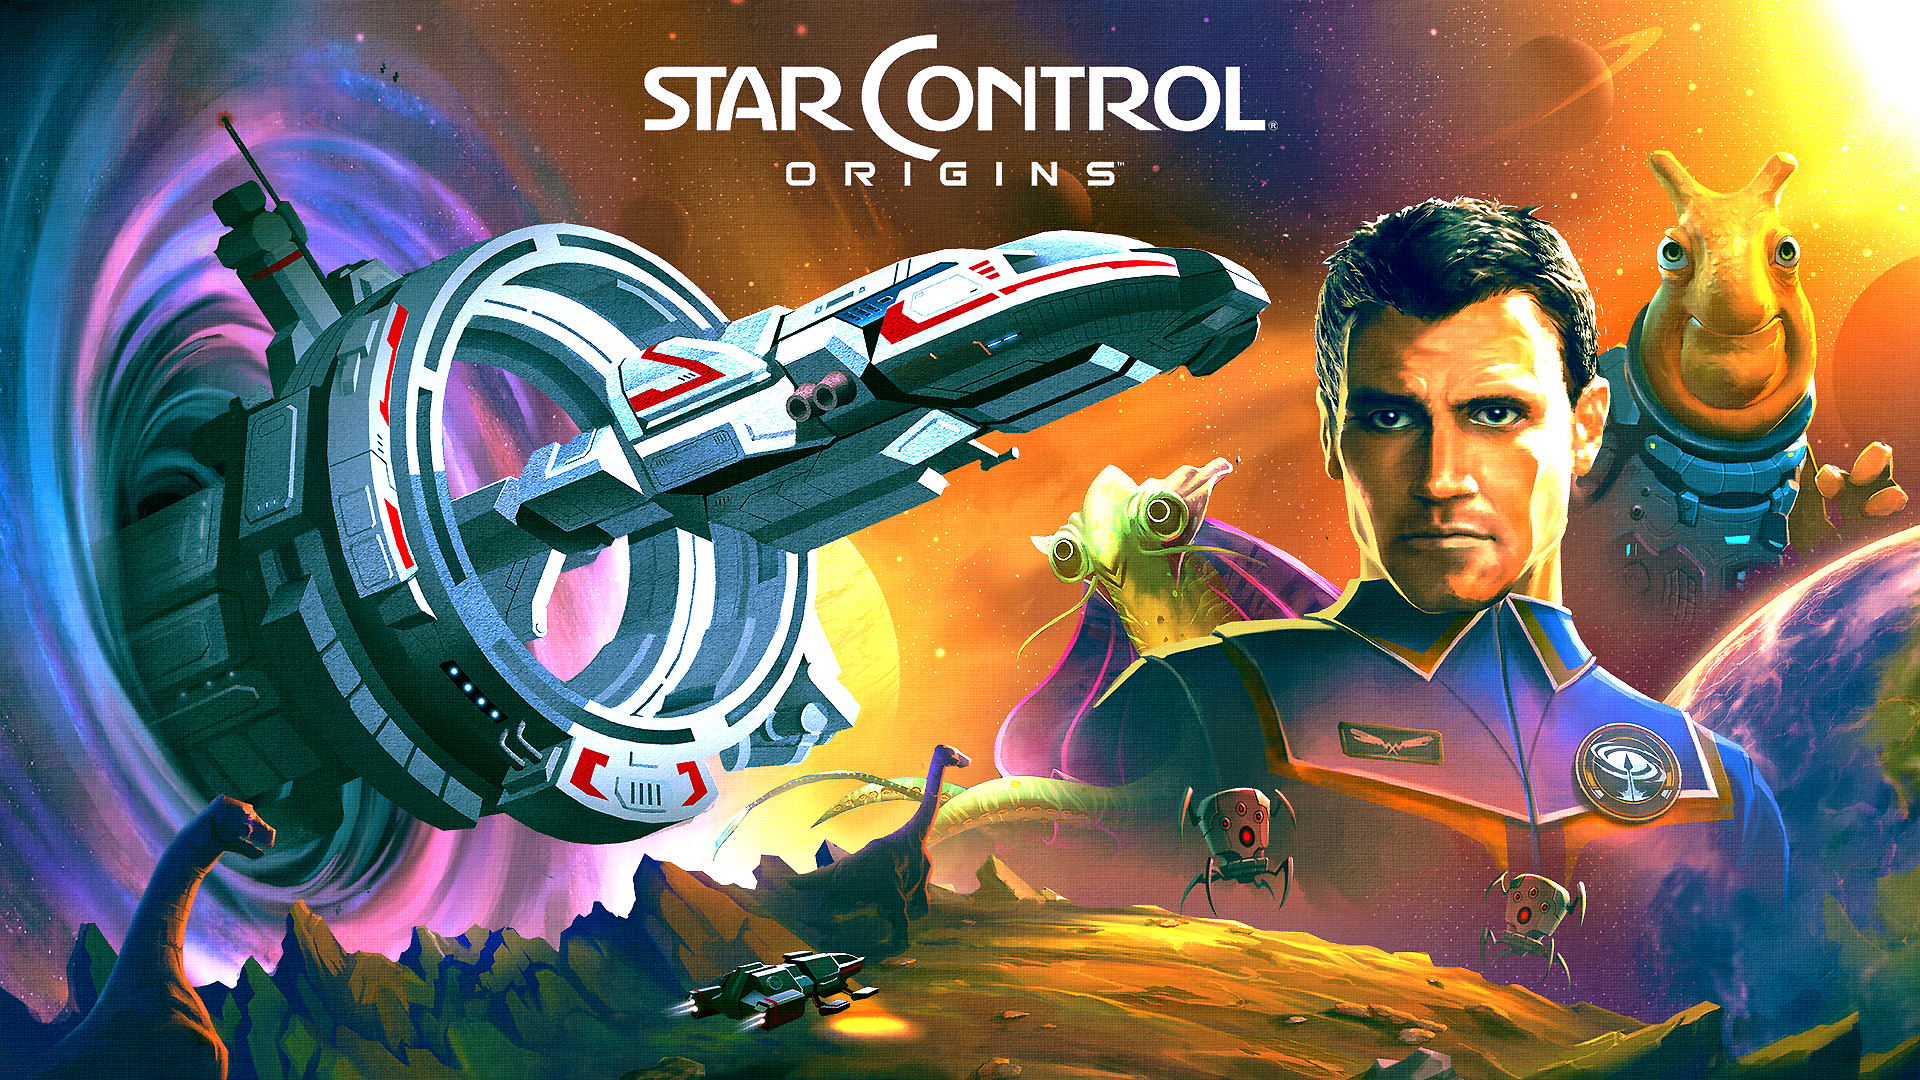 Star Control: Origins Taken Down via DMCA by Original Star Control